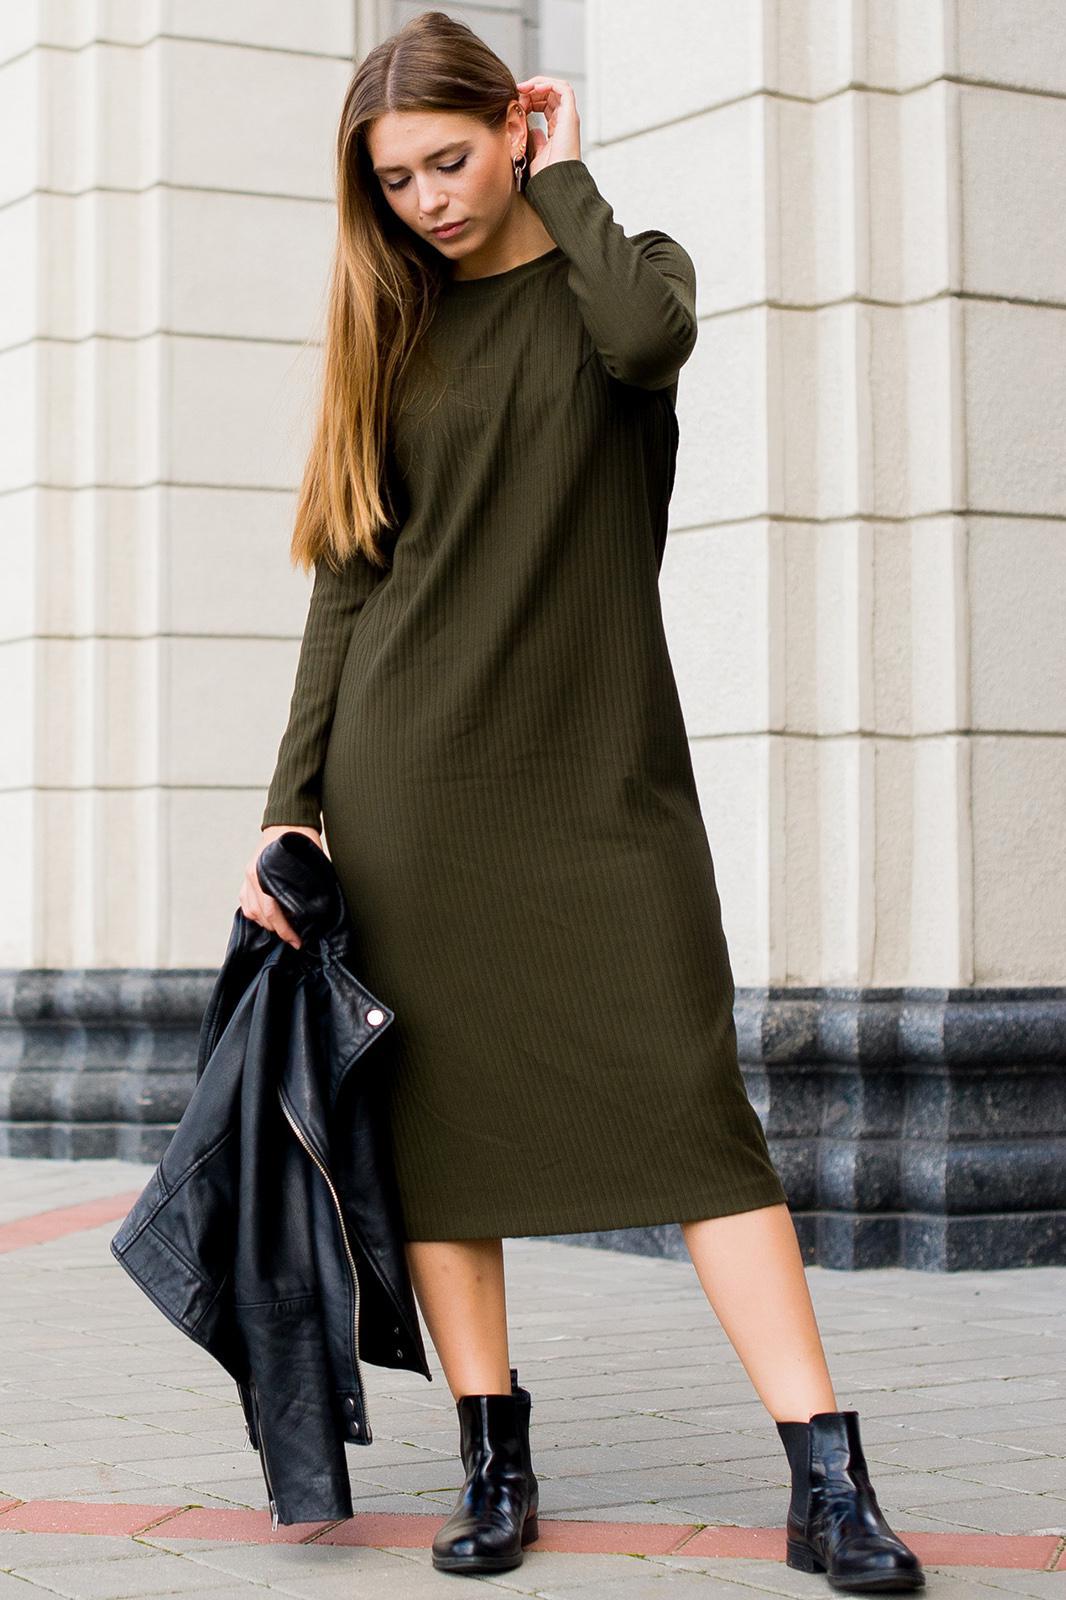 Платье ниже колена с сапогами фото перемещением пупка